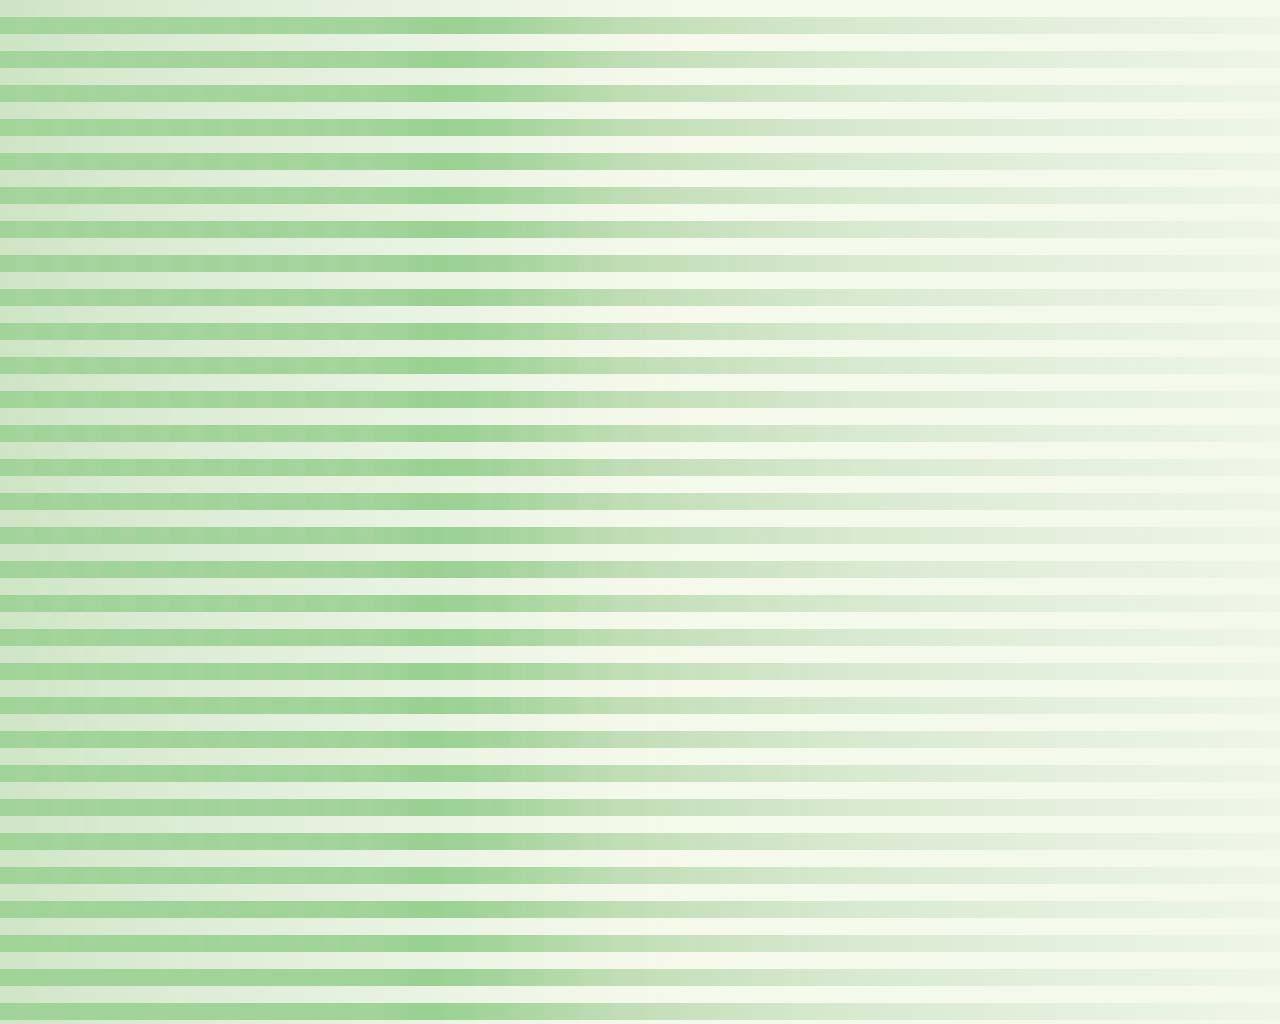 Sh Yn Design Stripe Pattern Wallpaper   Pastel Colour Stripe Part 2 1280x1024